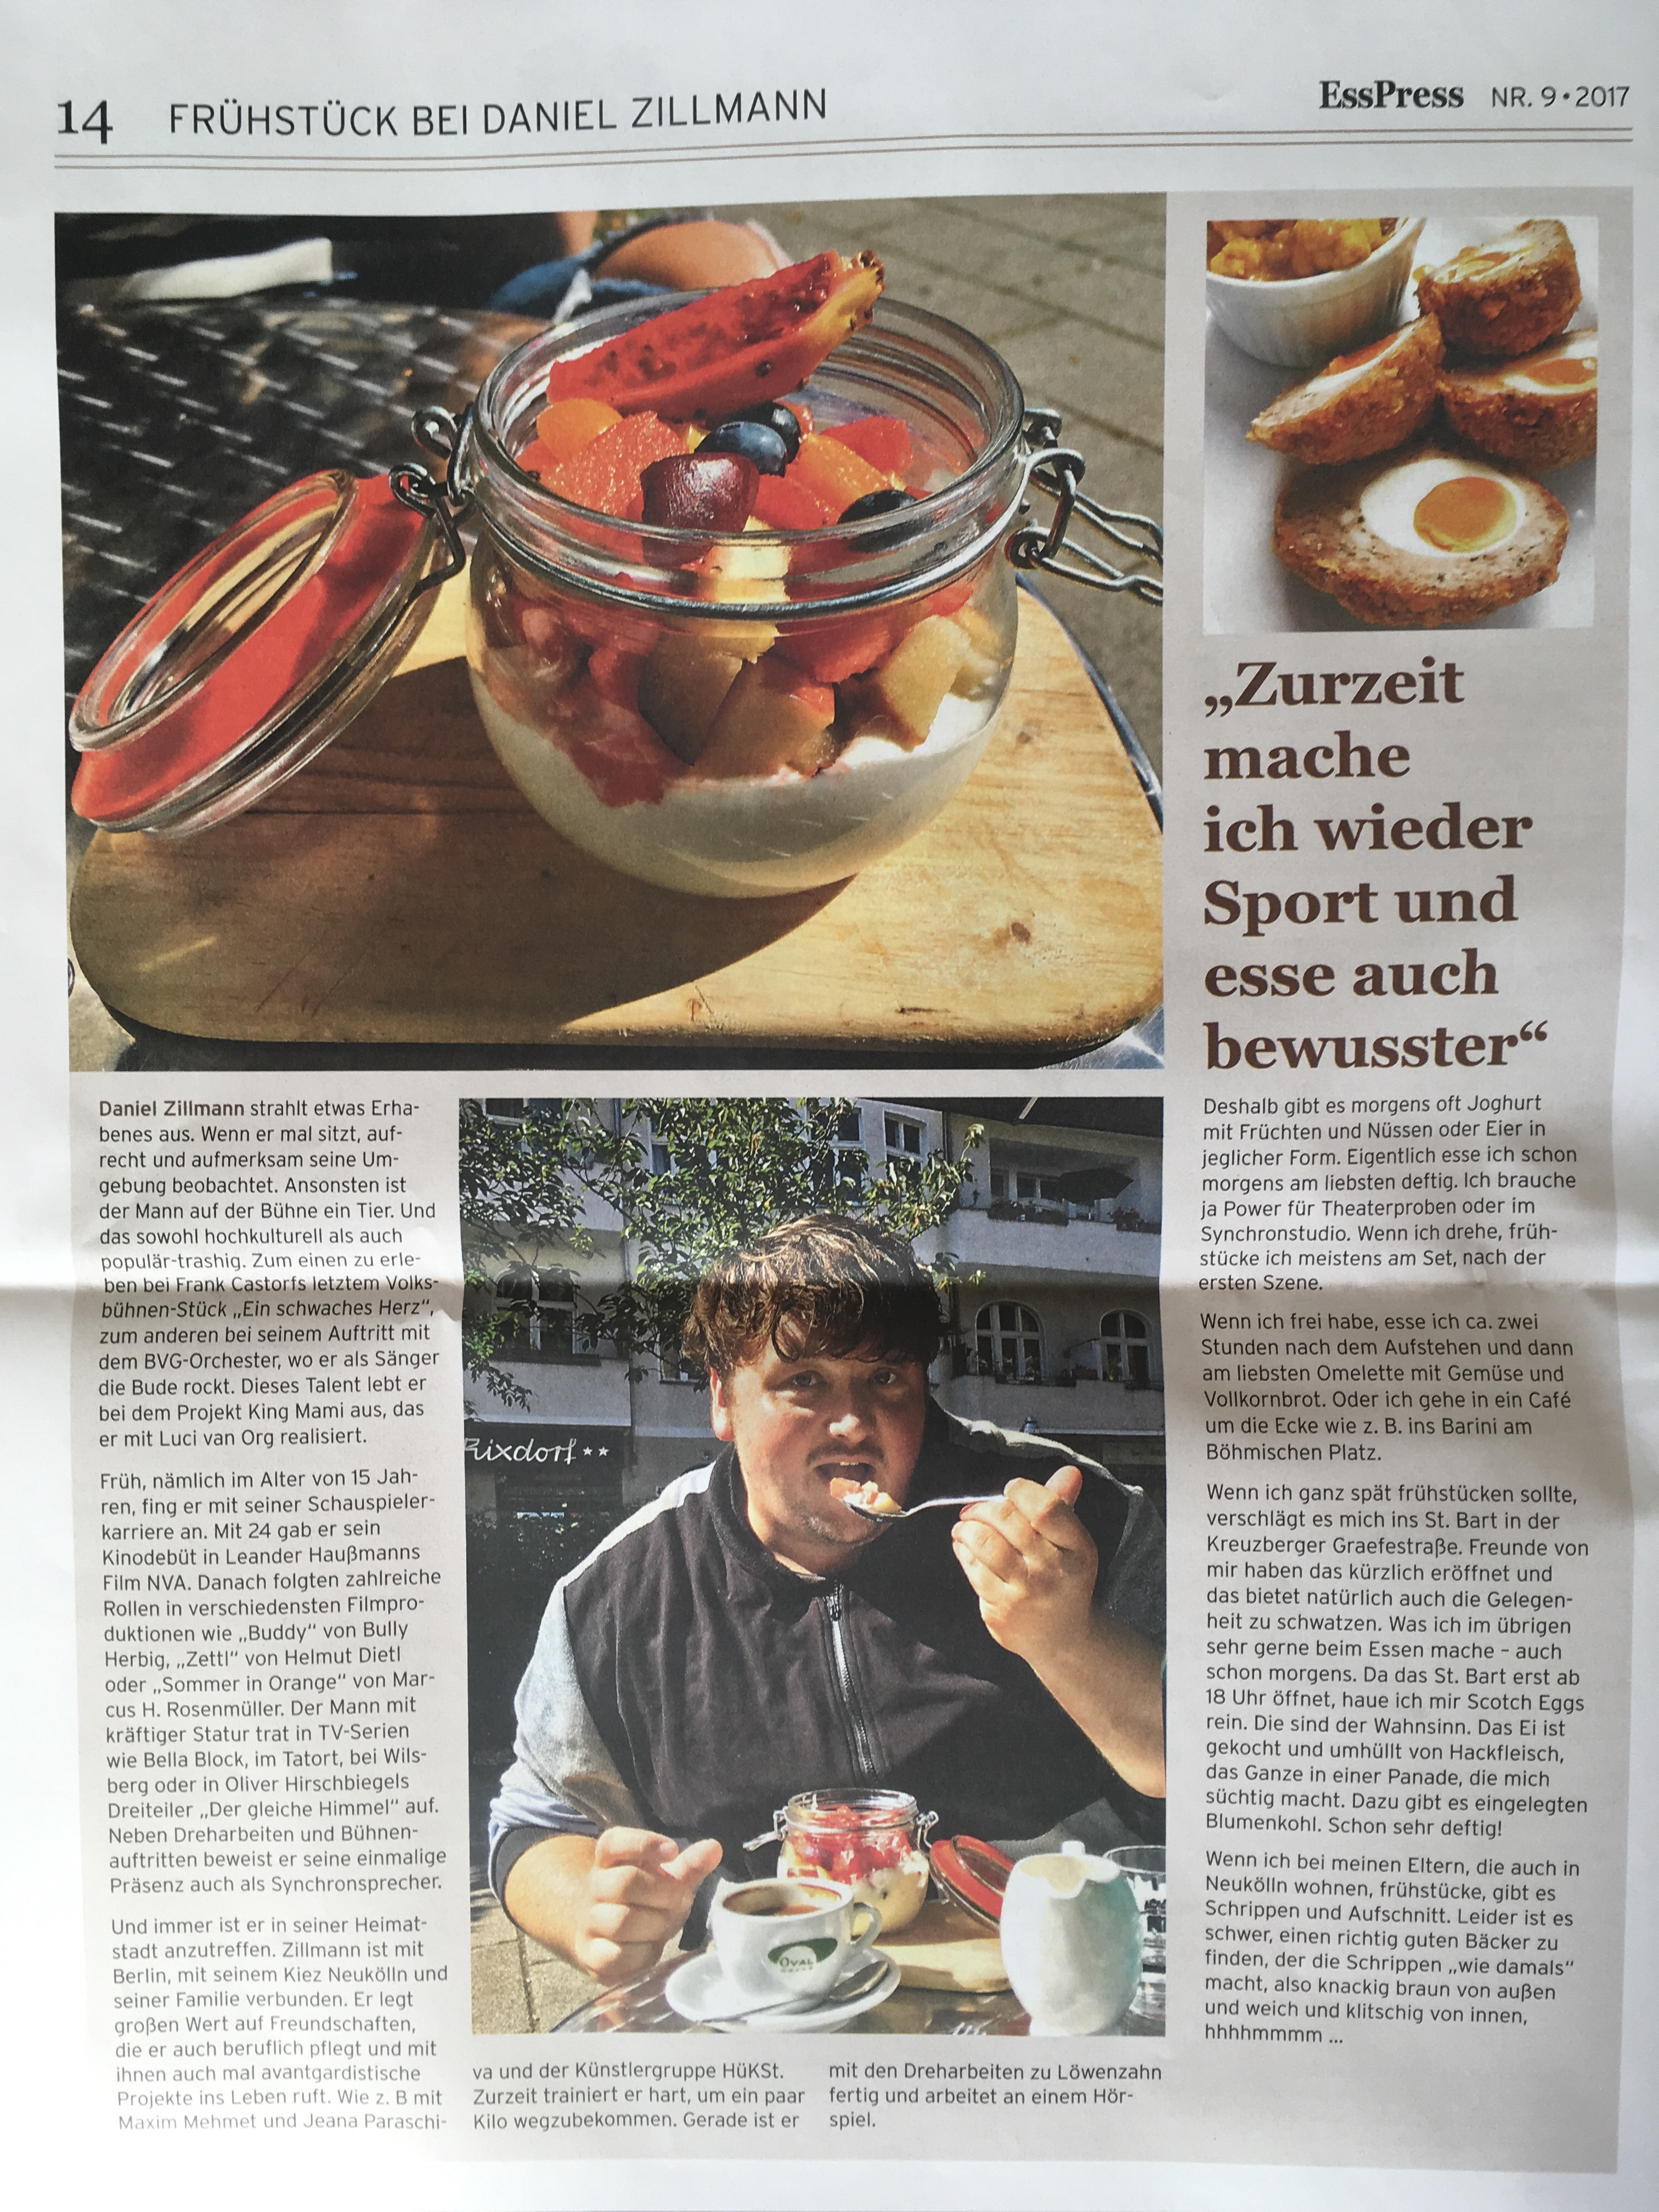 Daniel Zillmann @ EssPress